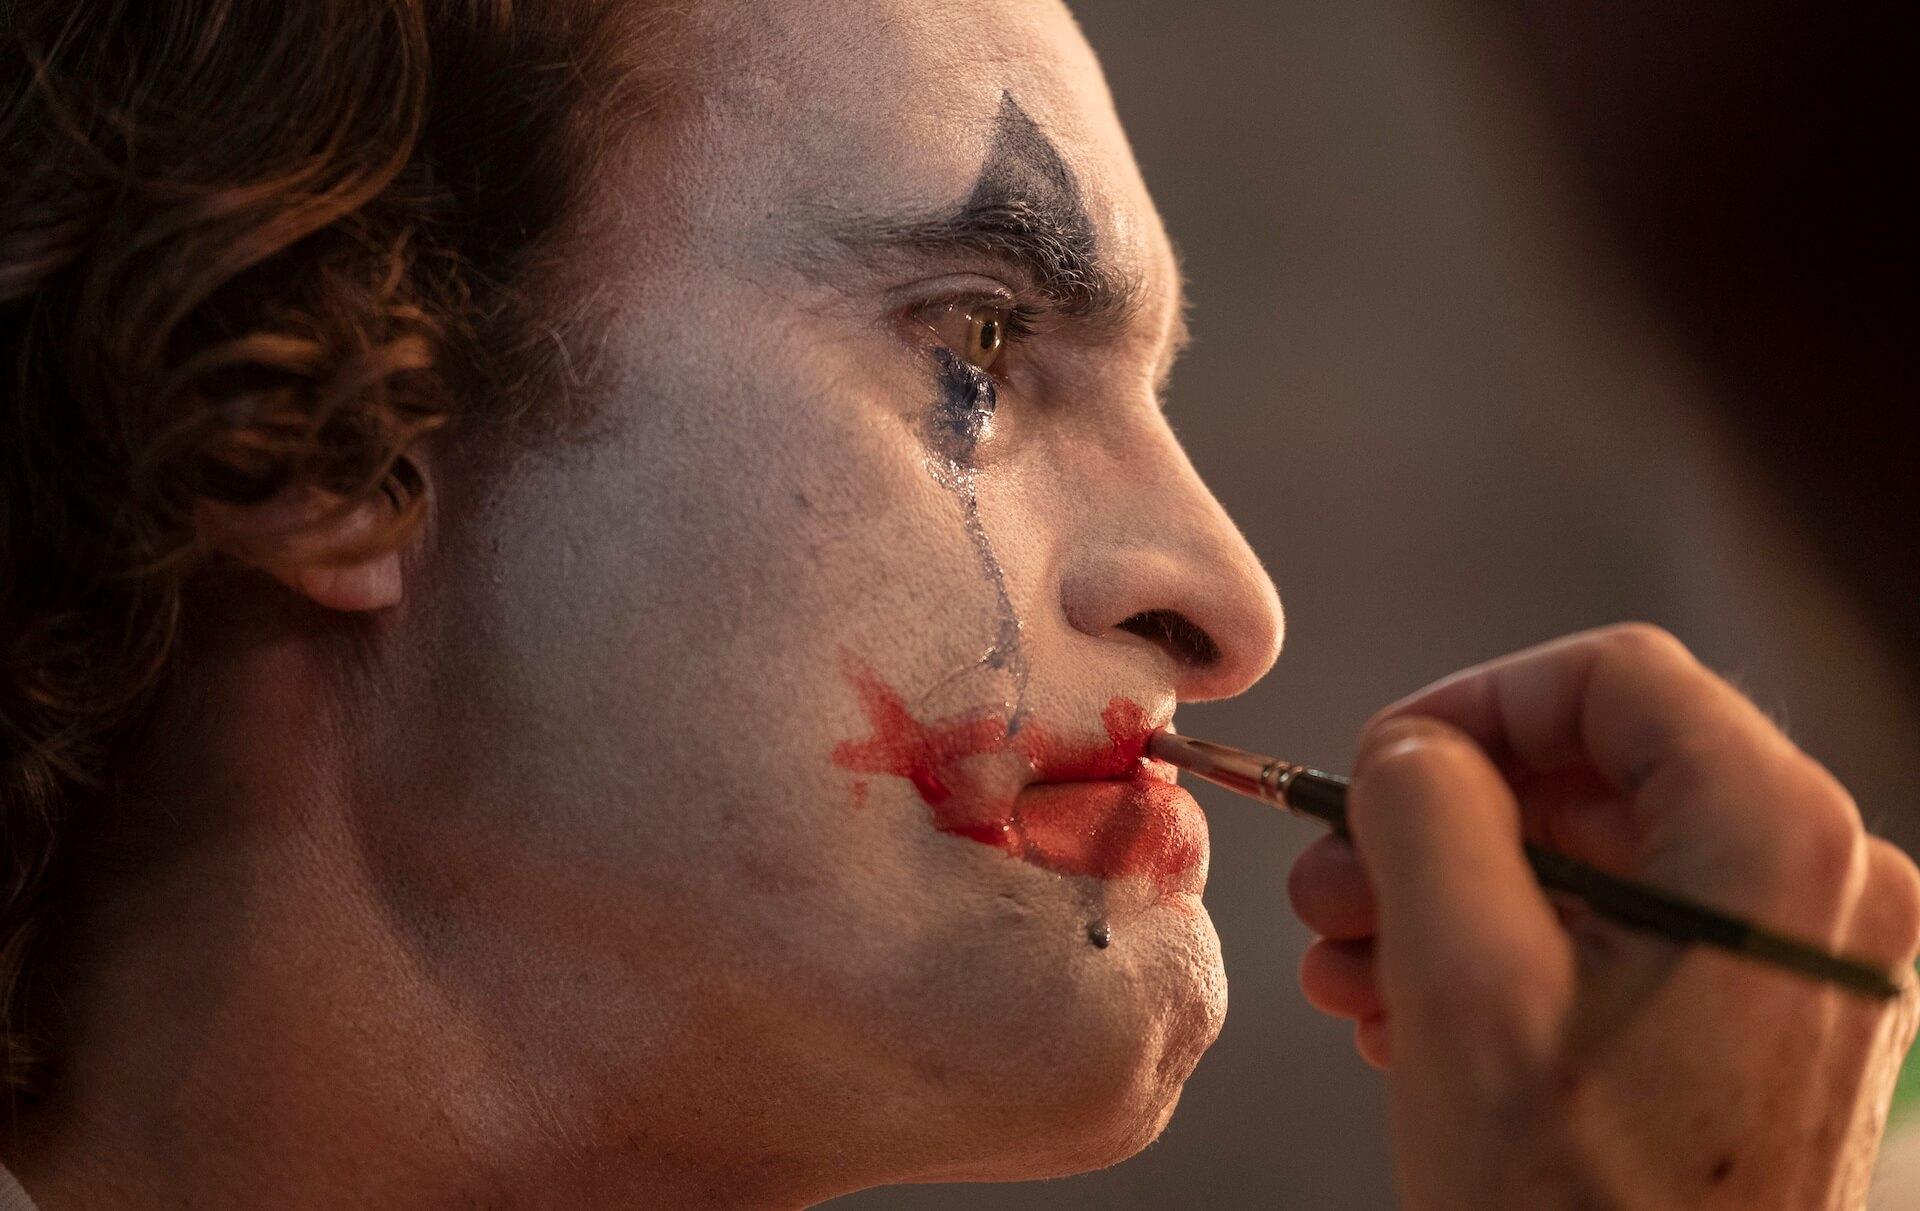 『ジョーカー』まさか!4週連続No.1で17年ぶりの快挙達成&世界興収900億円越え film191028_joker_3